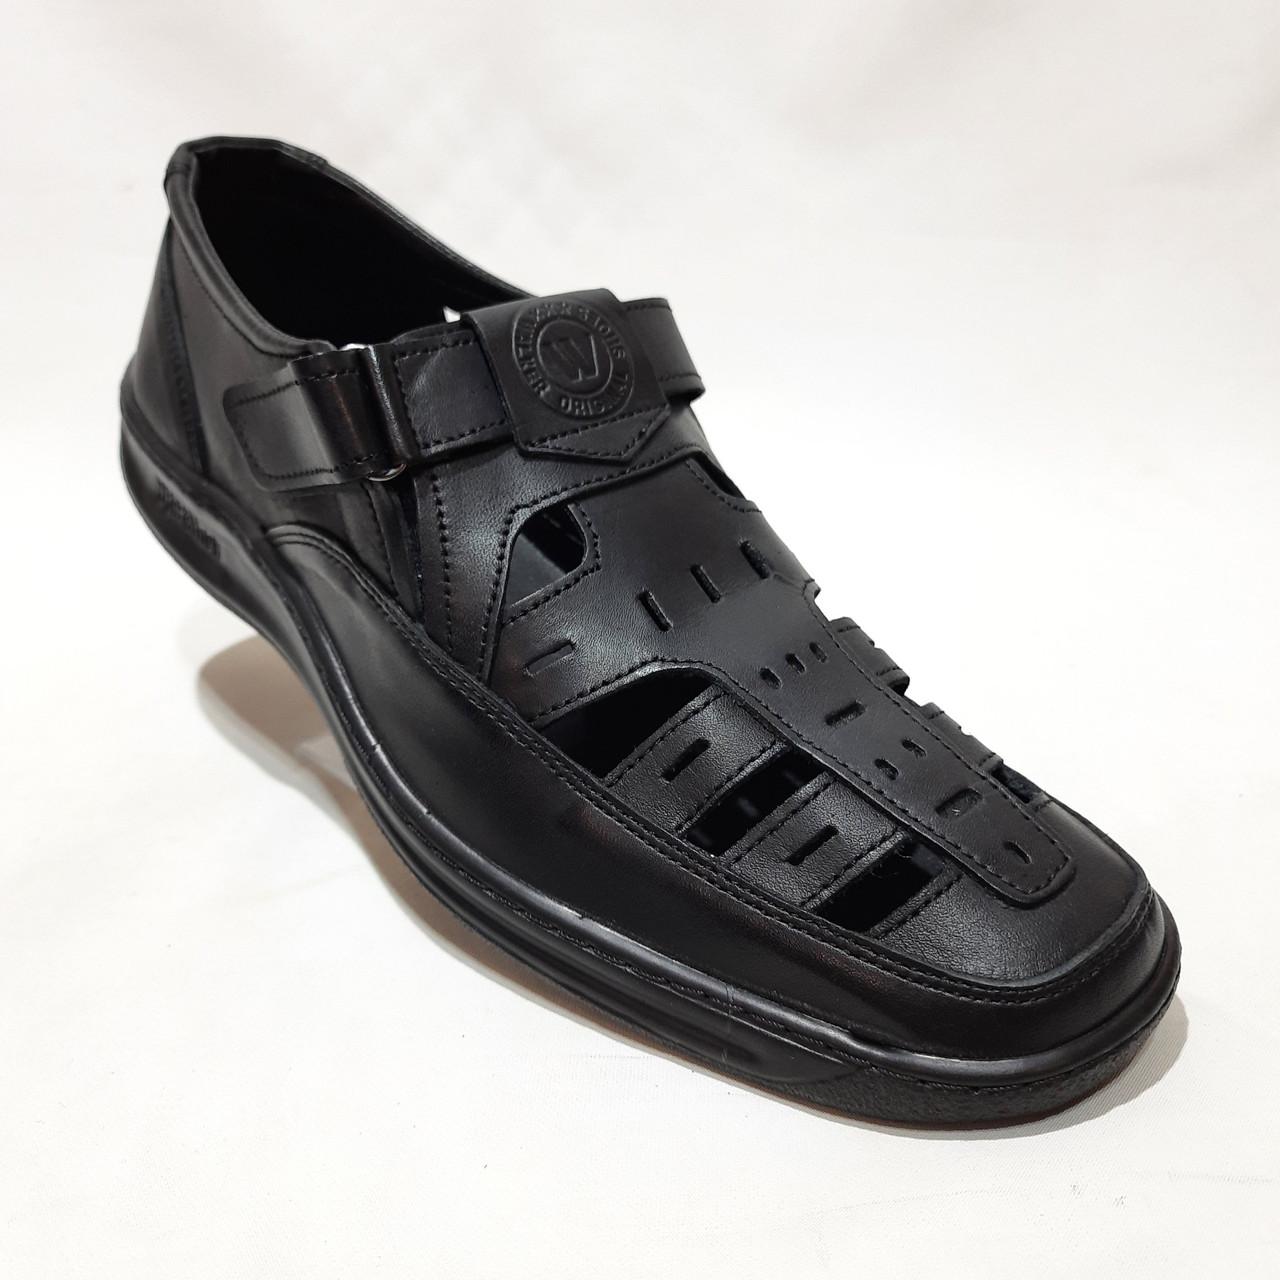 Мужские кожаные туфли р. 46 Walker (Большие размеры) Черные